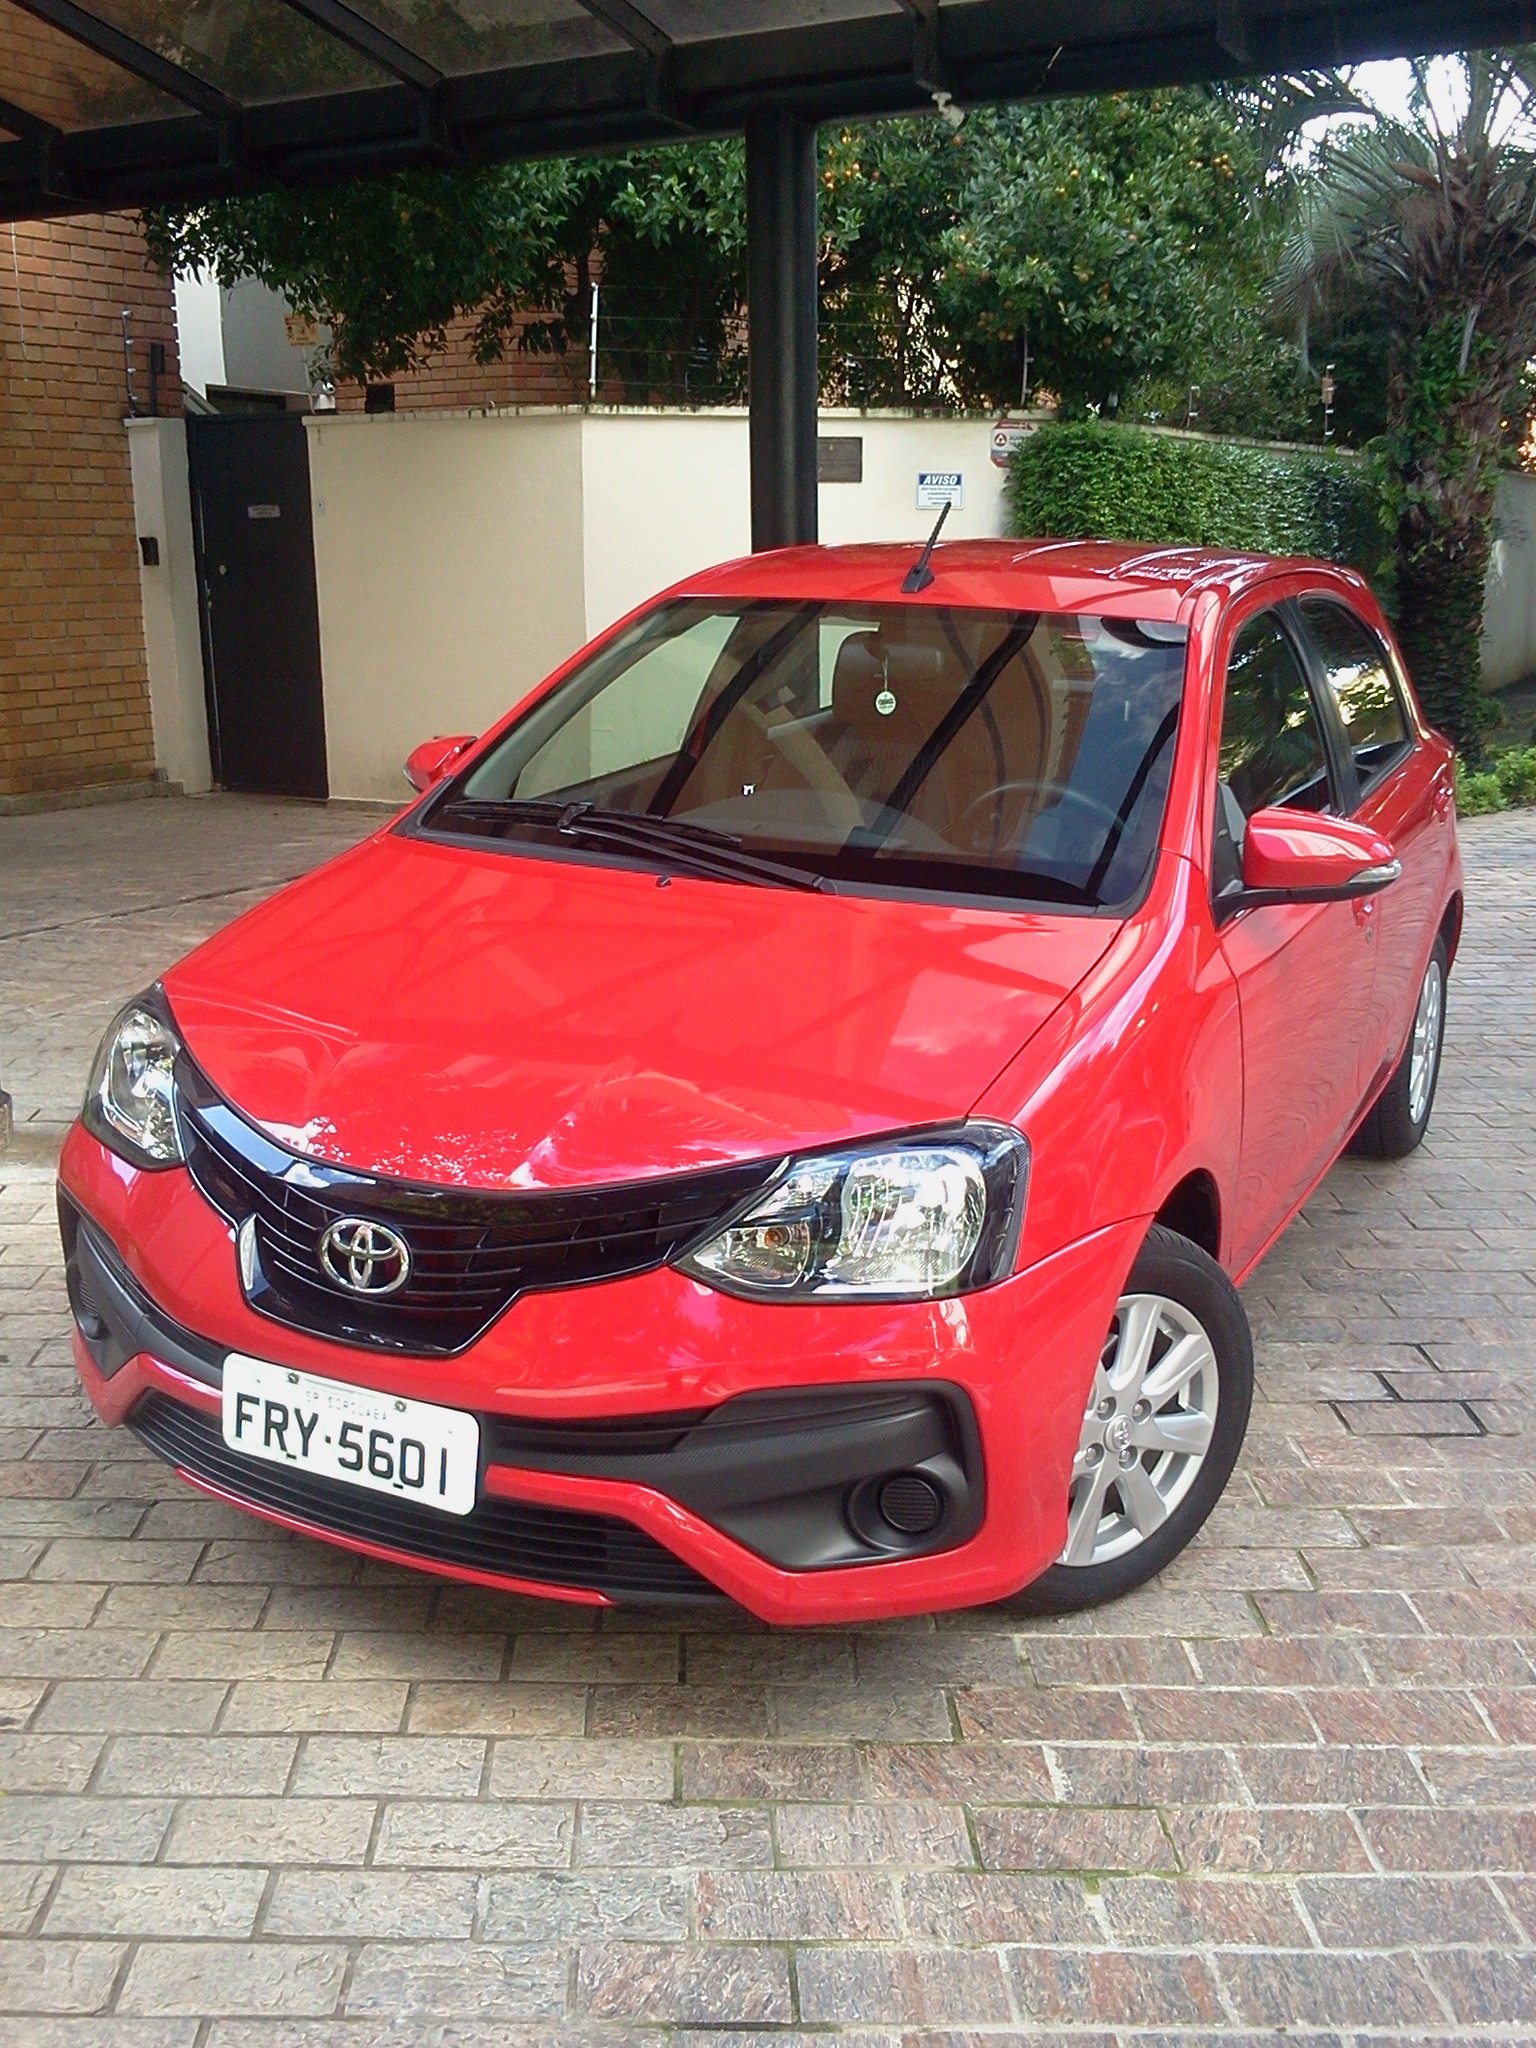 Toyota Etios HB, uma proposta que continua a ser reconhecida pela eficiência.